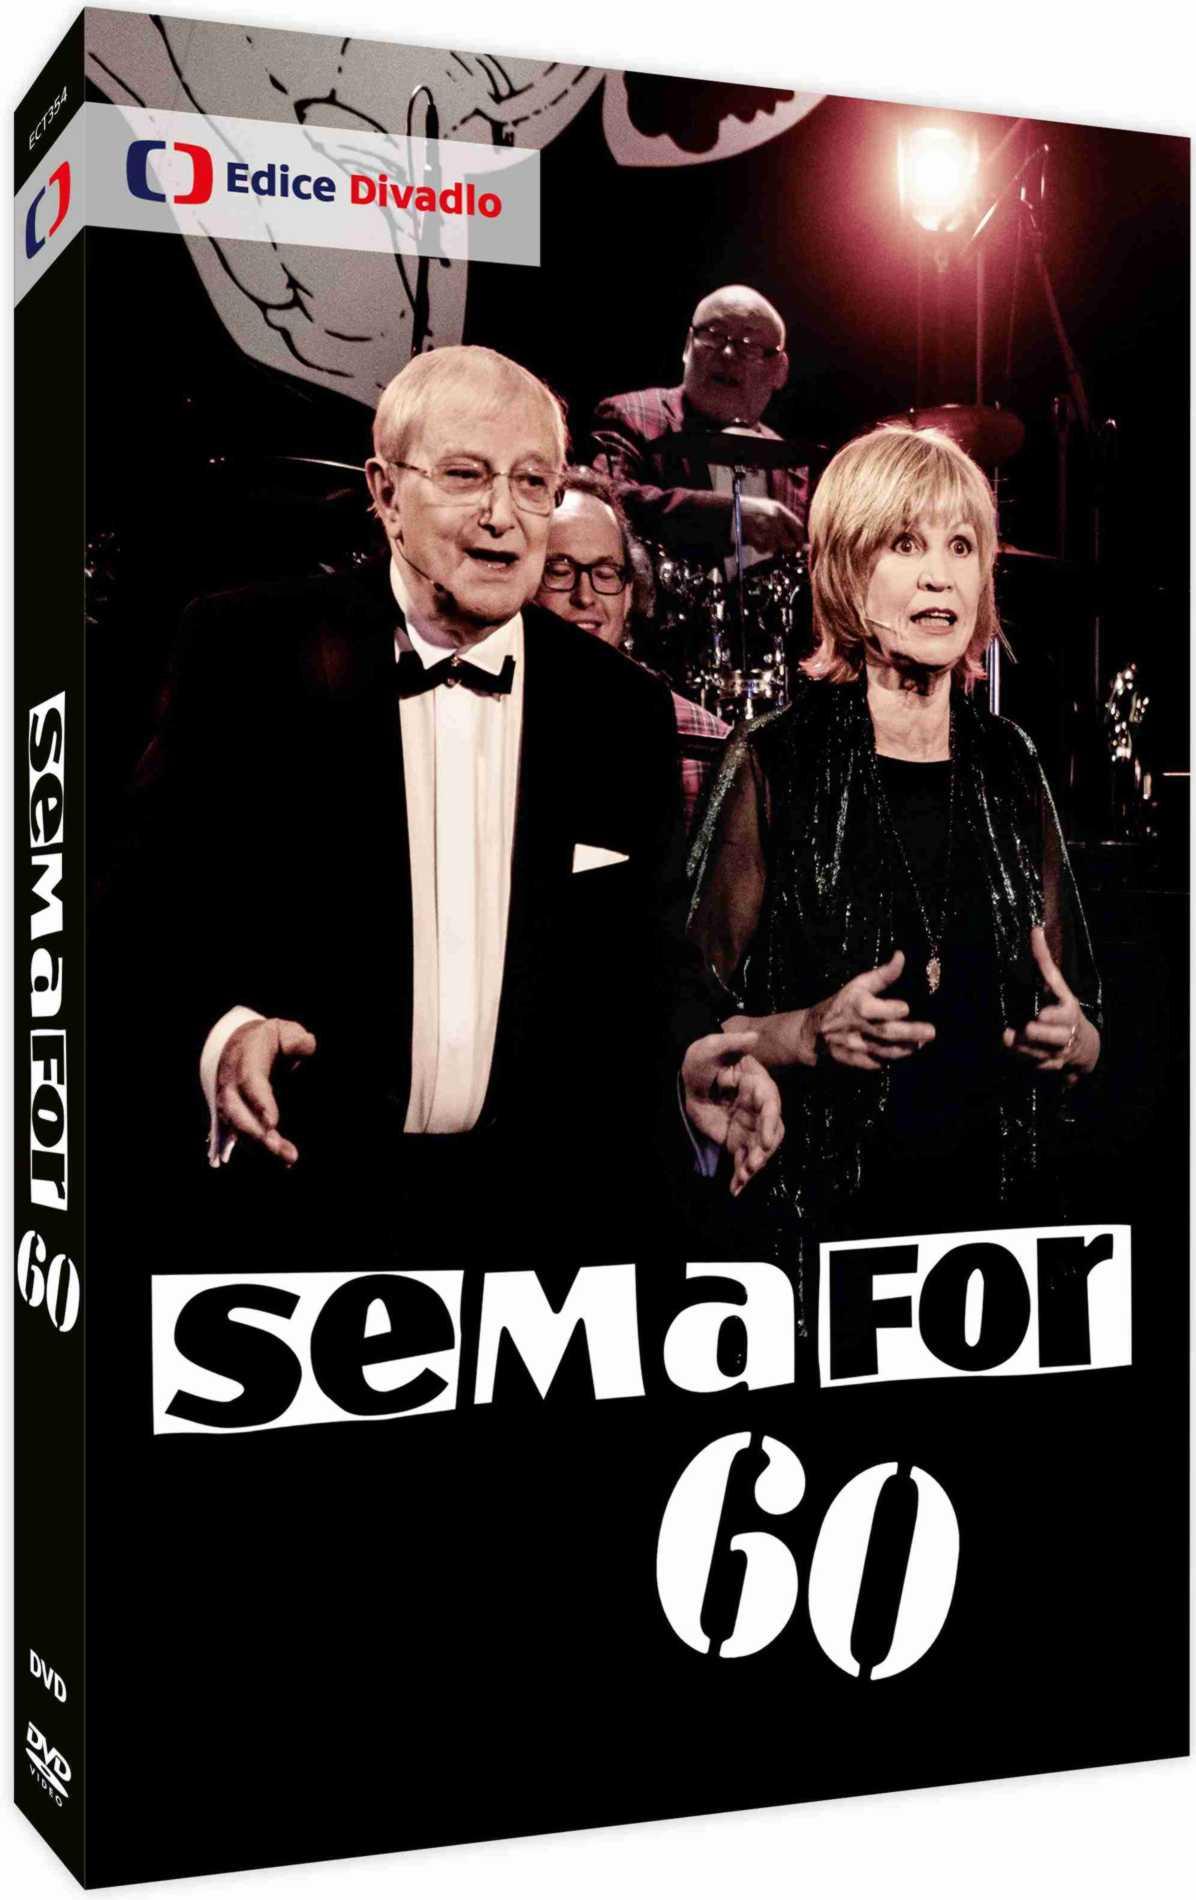 Semafor 60 - DVD